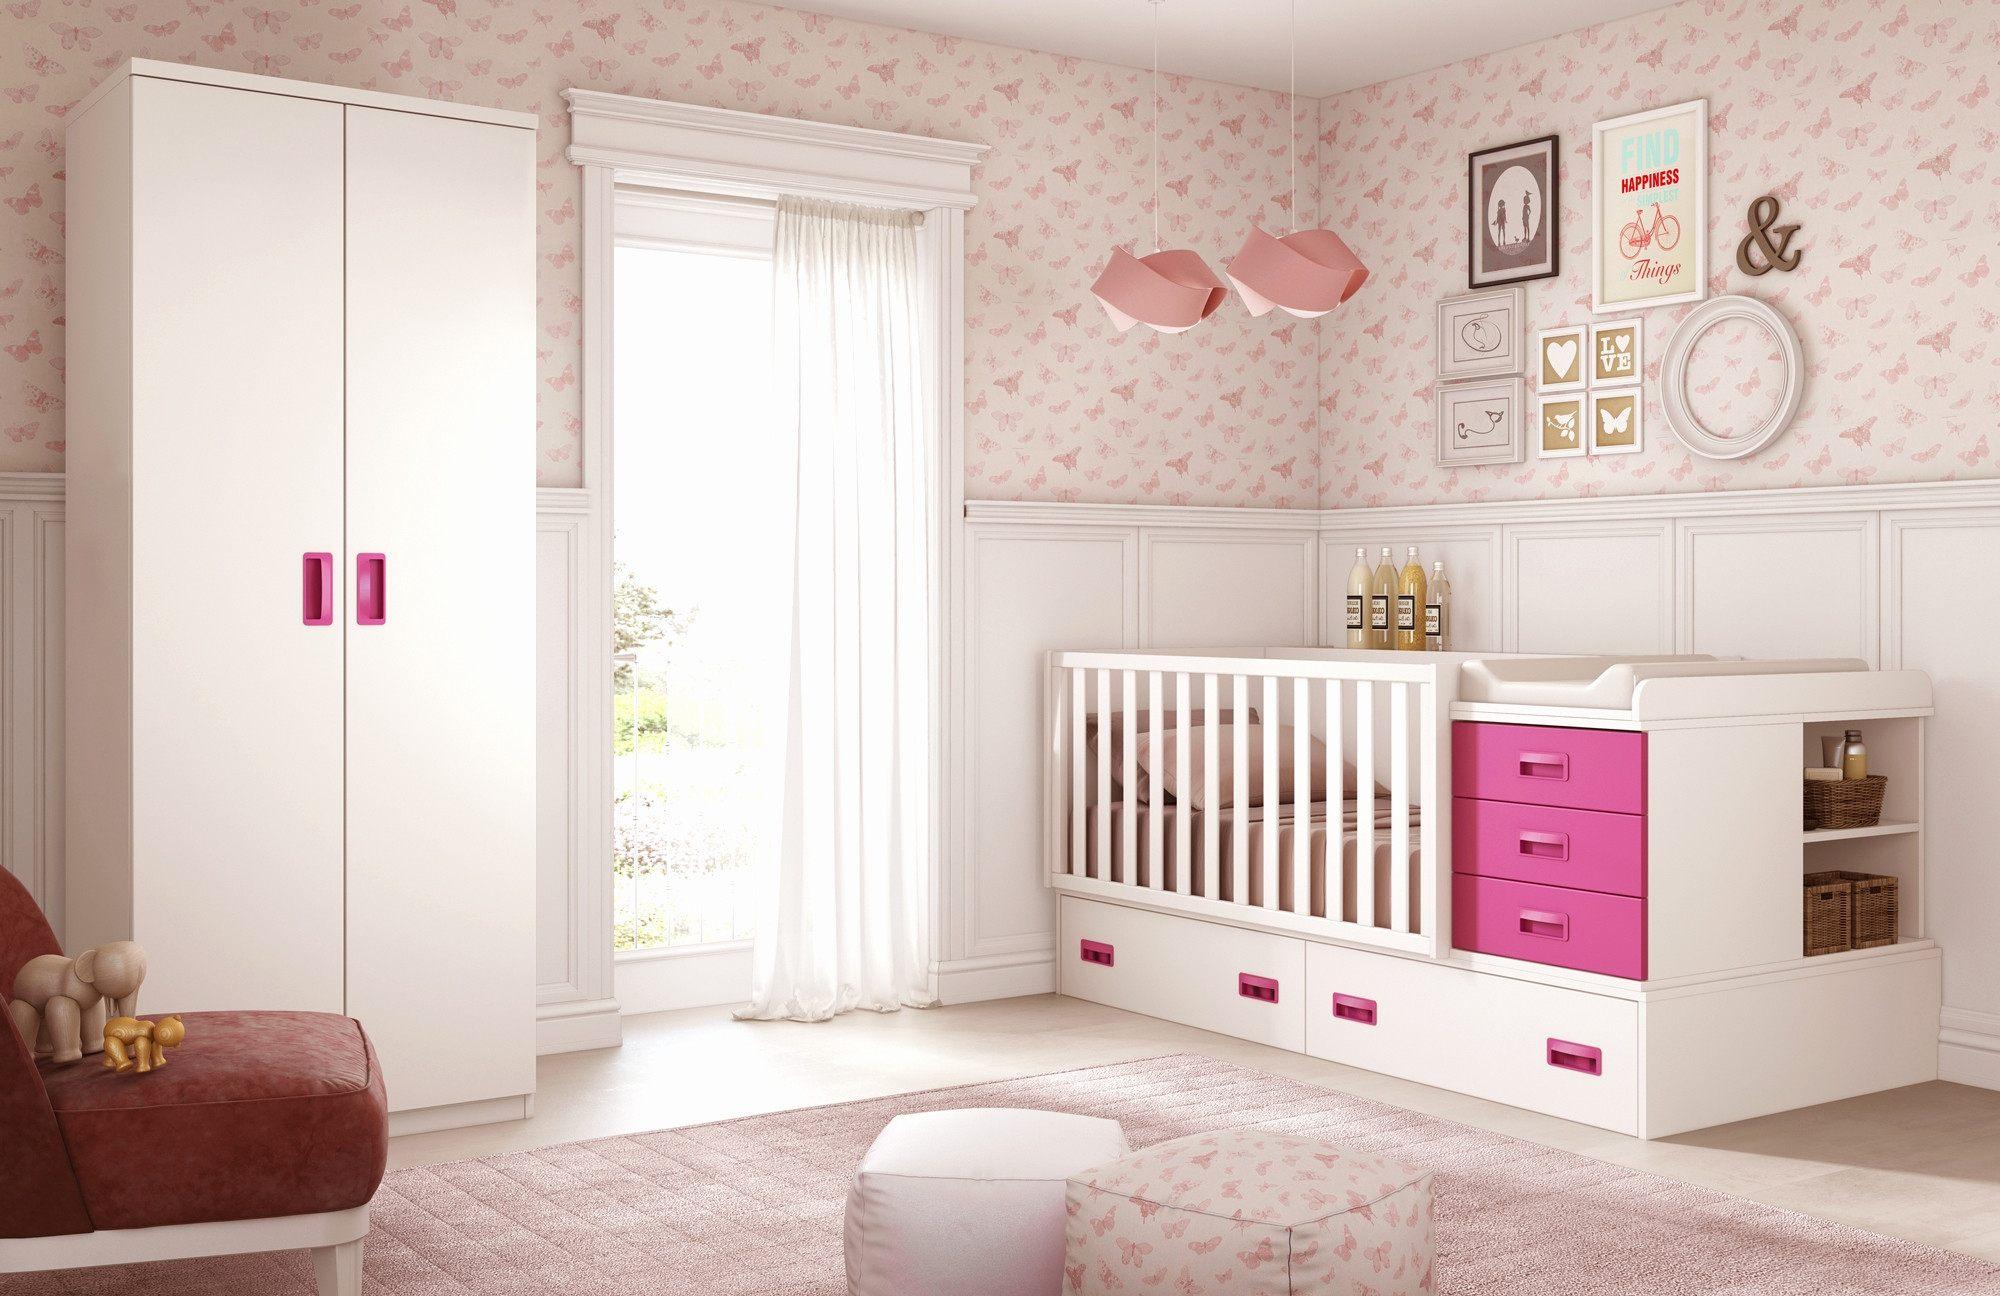 Chambre Bebe Complete Avec Lit Evolutif Magnifique Séduisant Chambre Enfant Plete Sur Chambre Bebe Plete Lovely Bebe